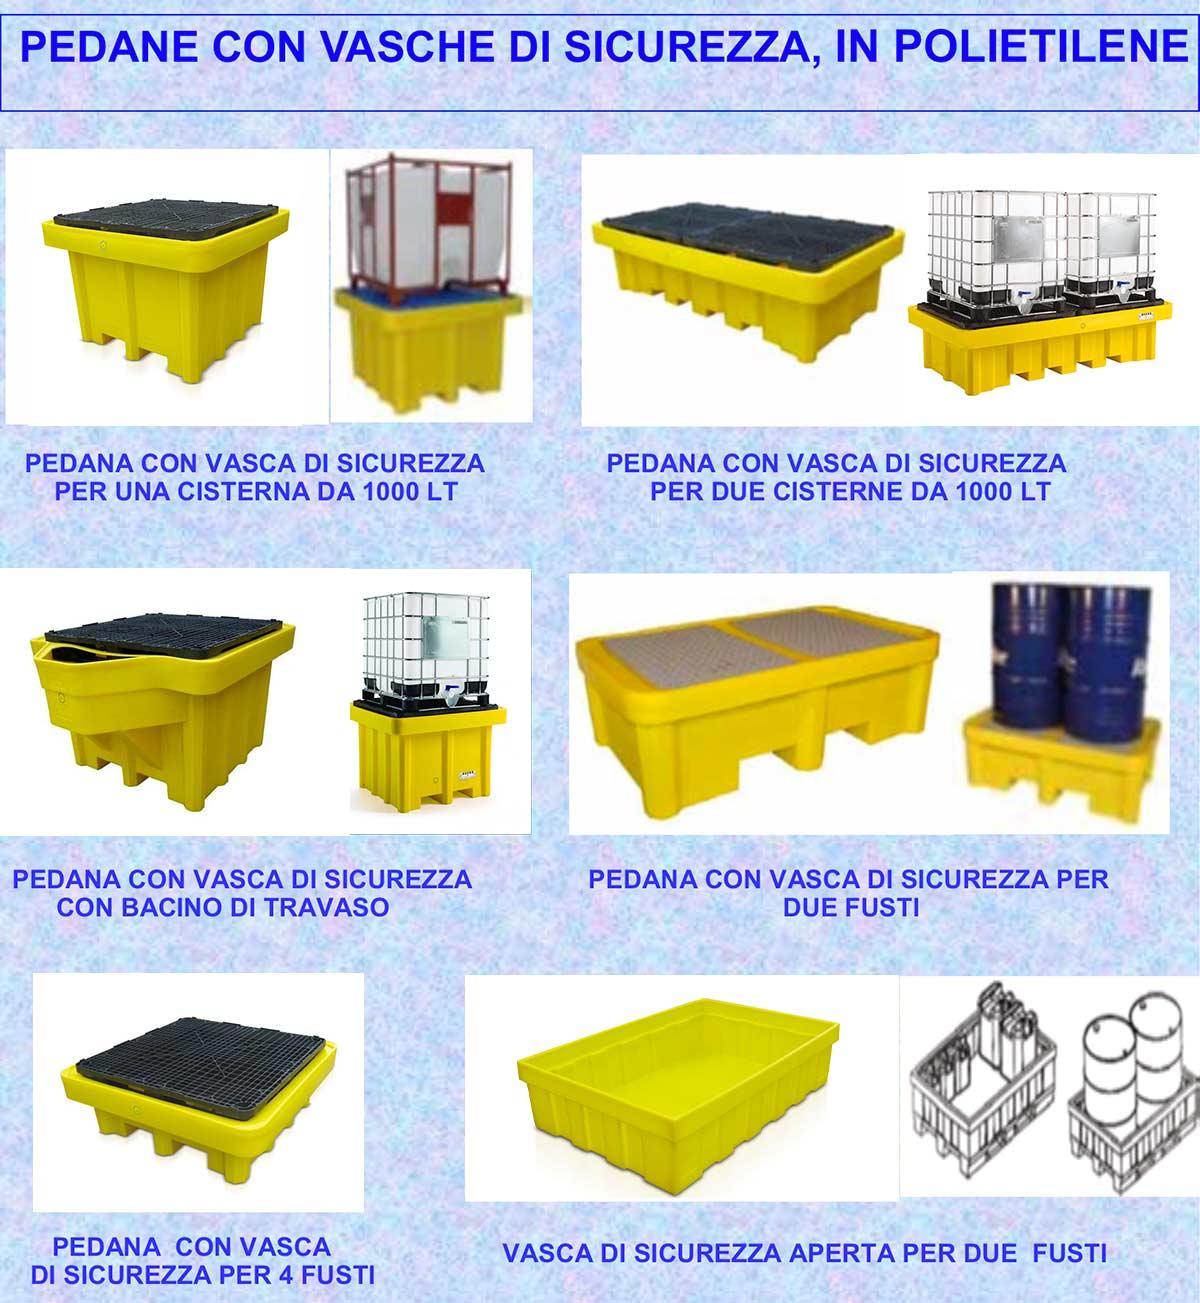 Pesaresi | Pedane con vasche di sicurezza polietilene